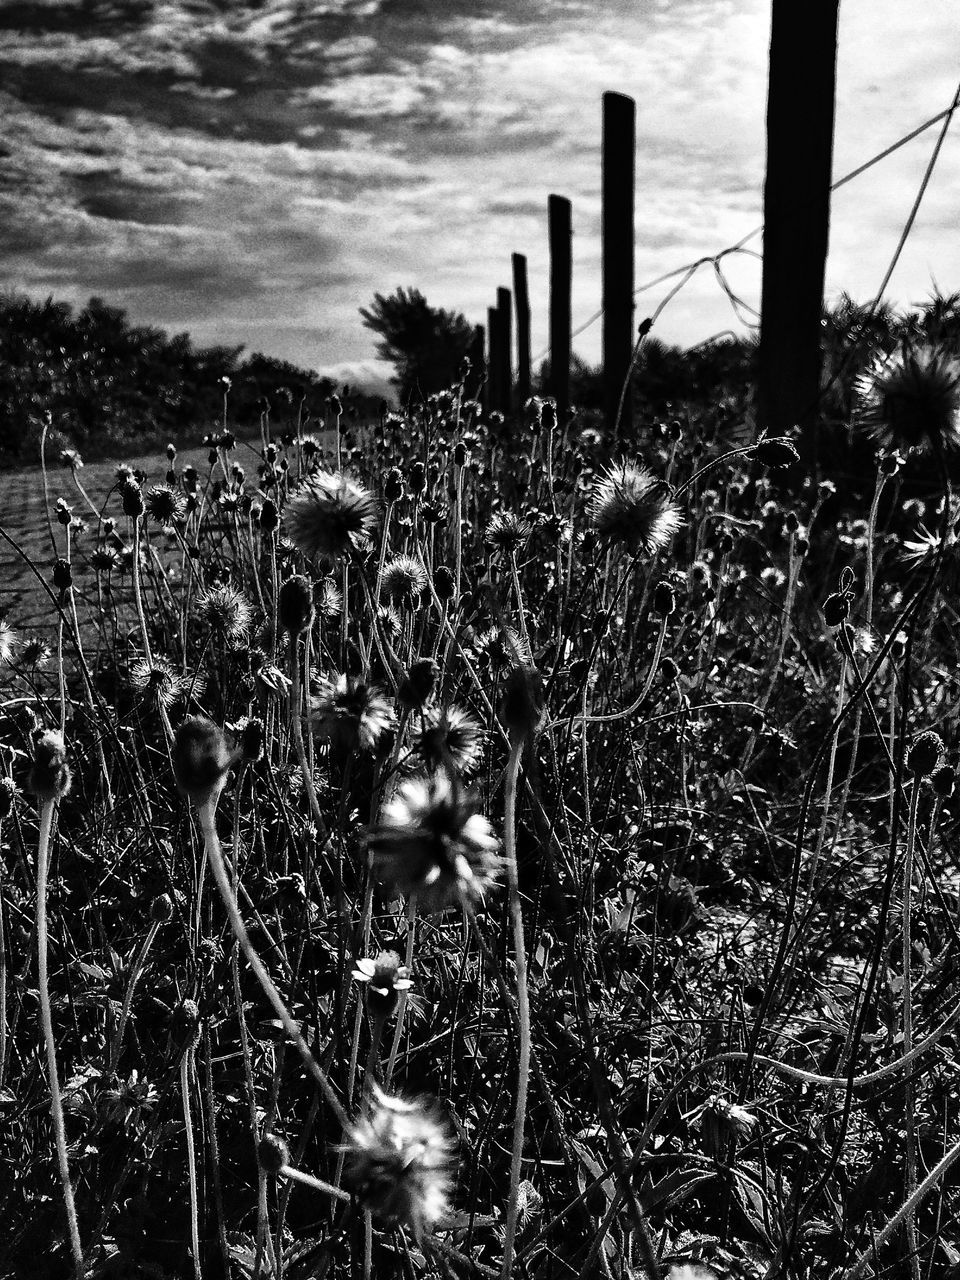 Dry Dandelions On Field Against Sky